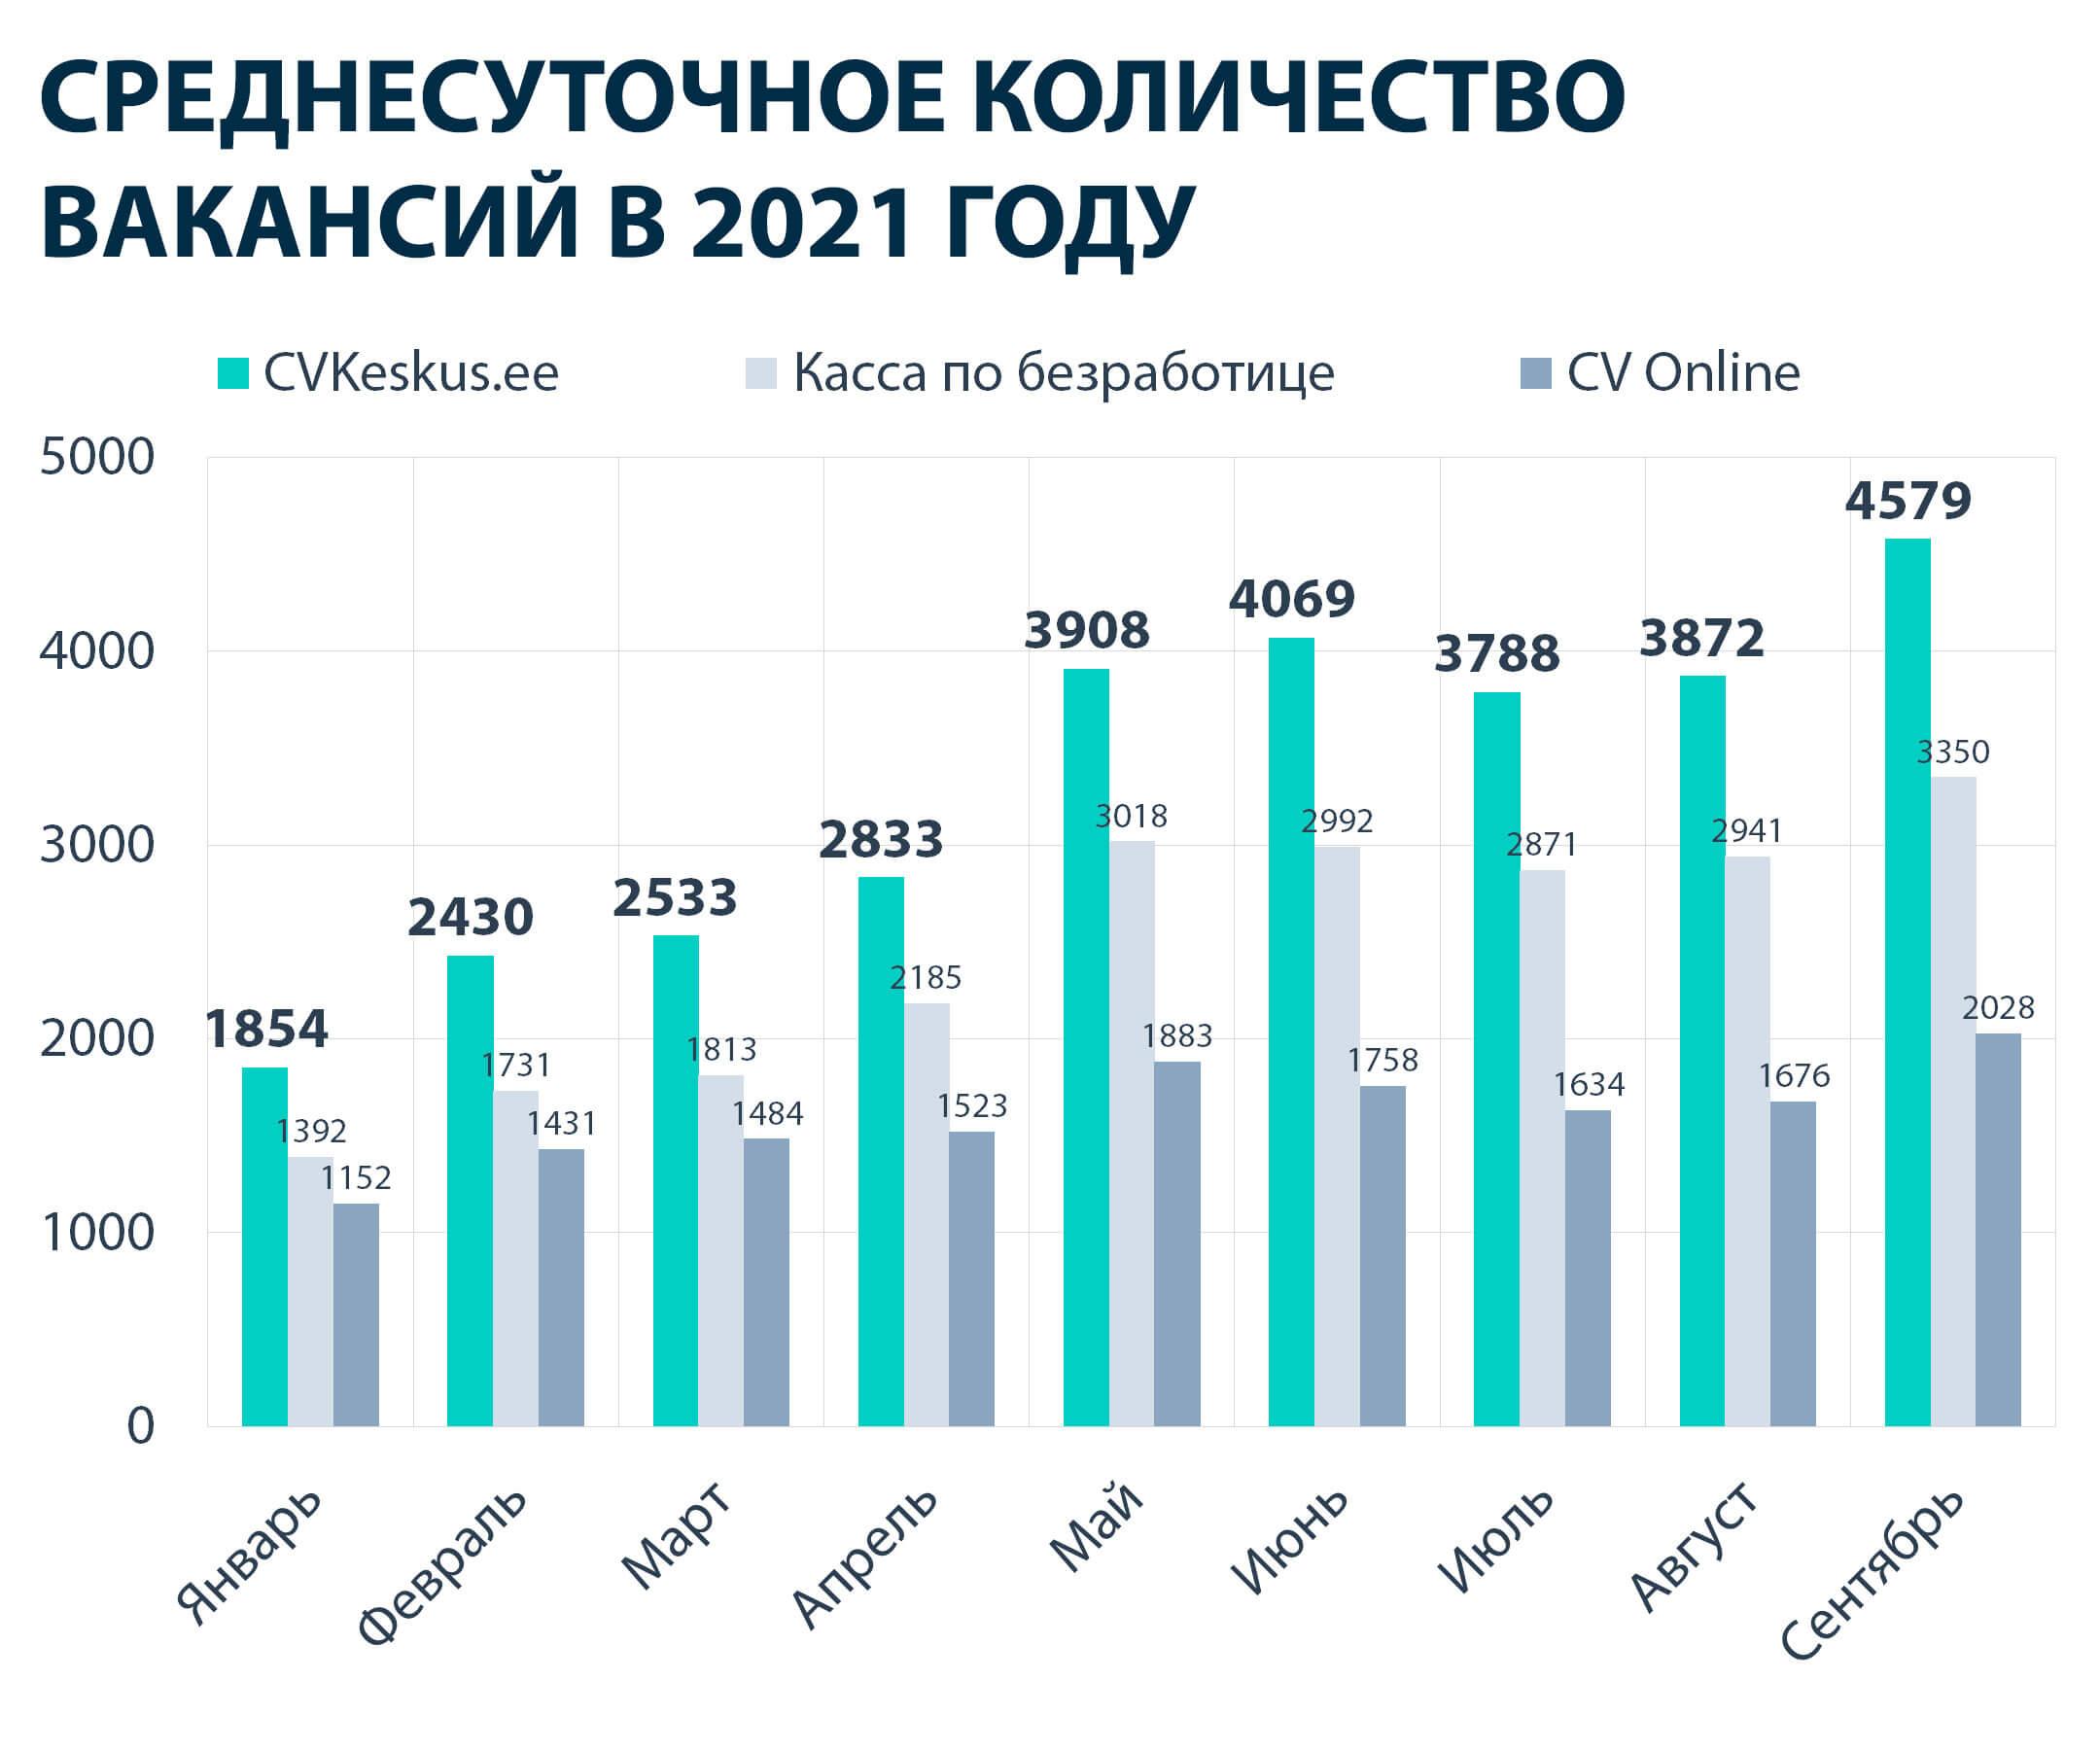 Среднесуточное количество вакансий в 2021 году